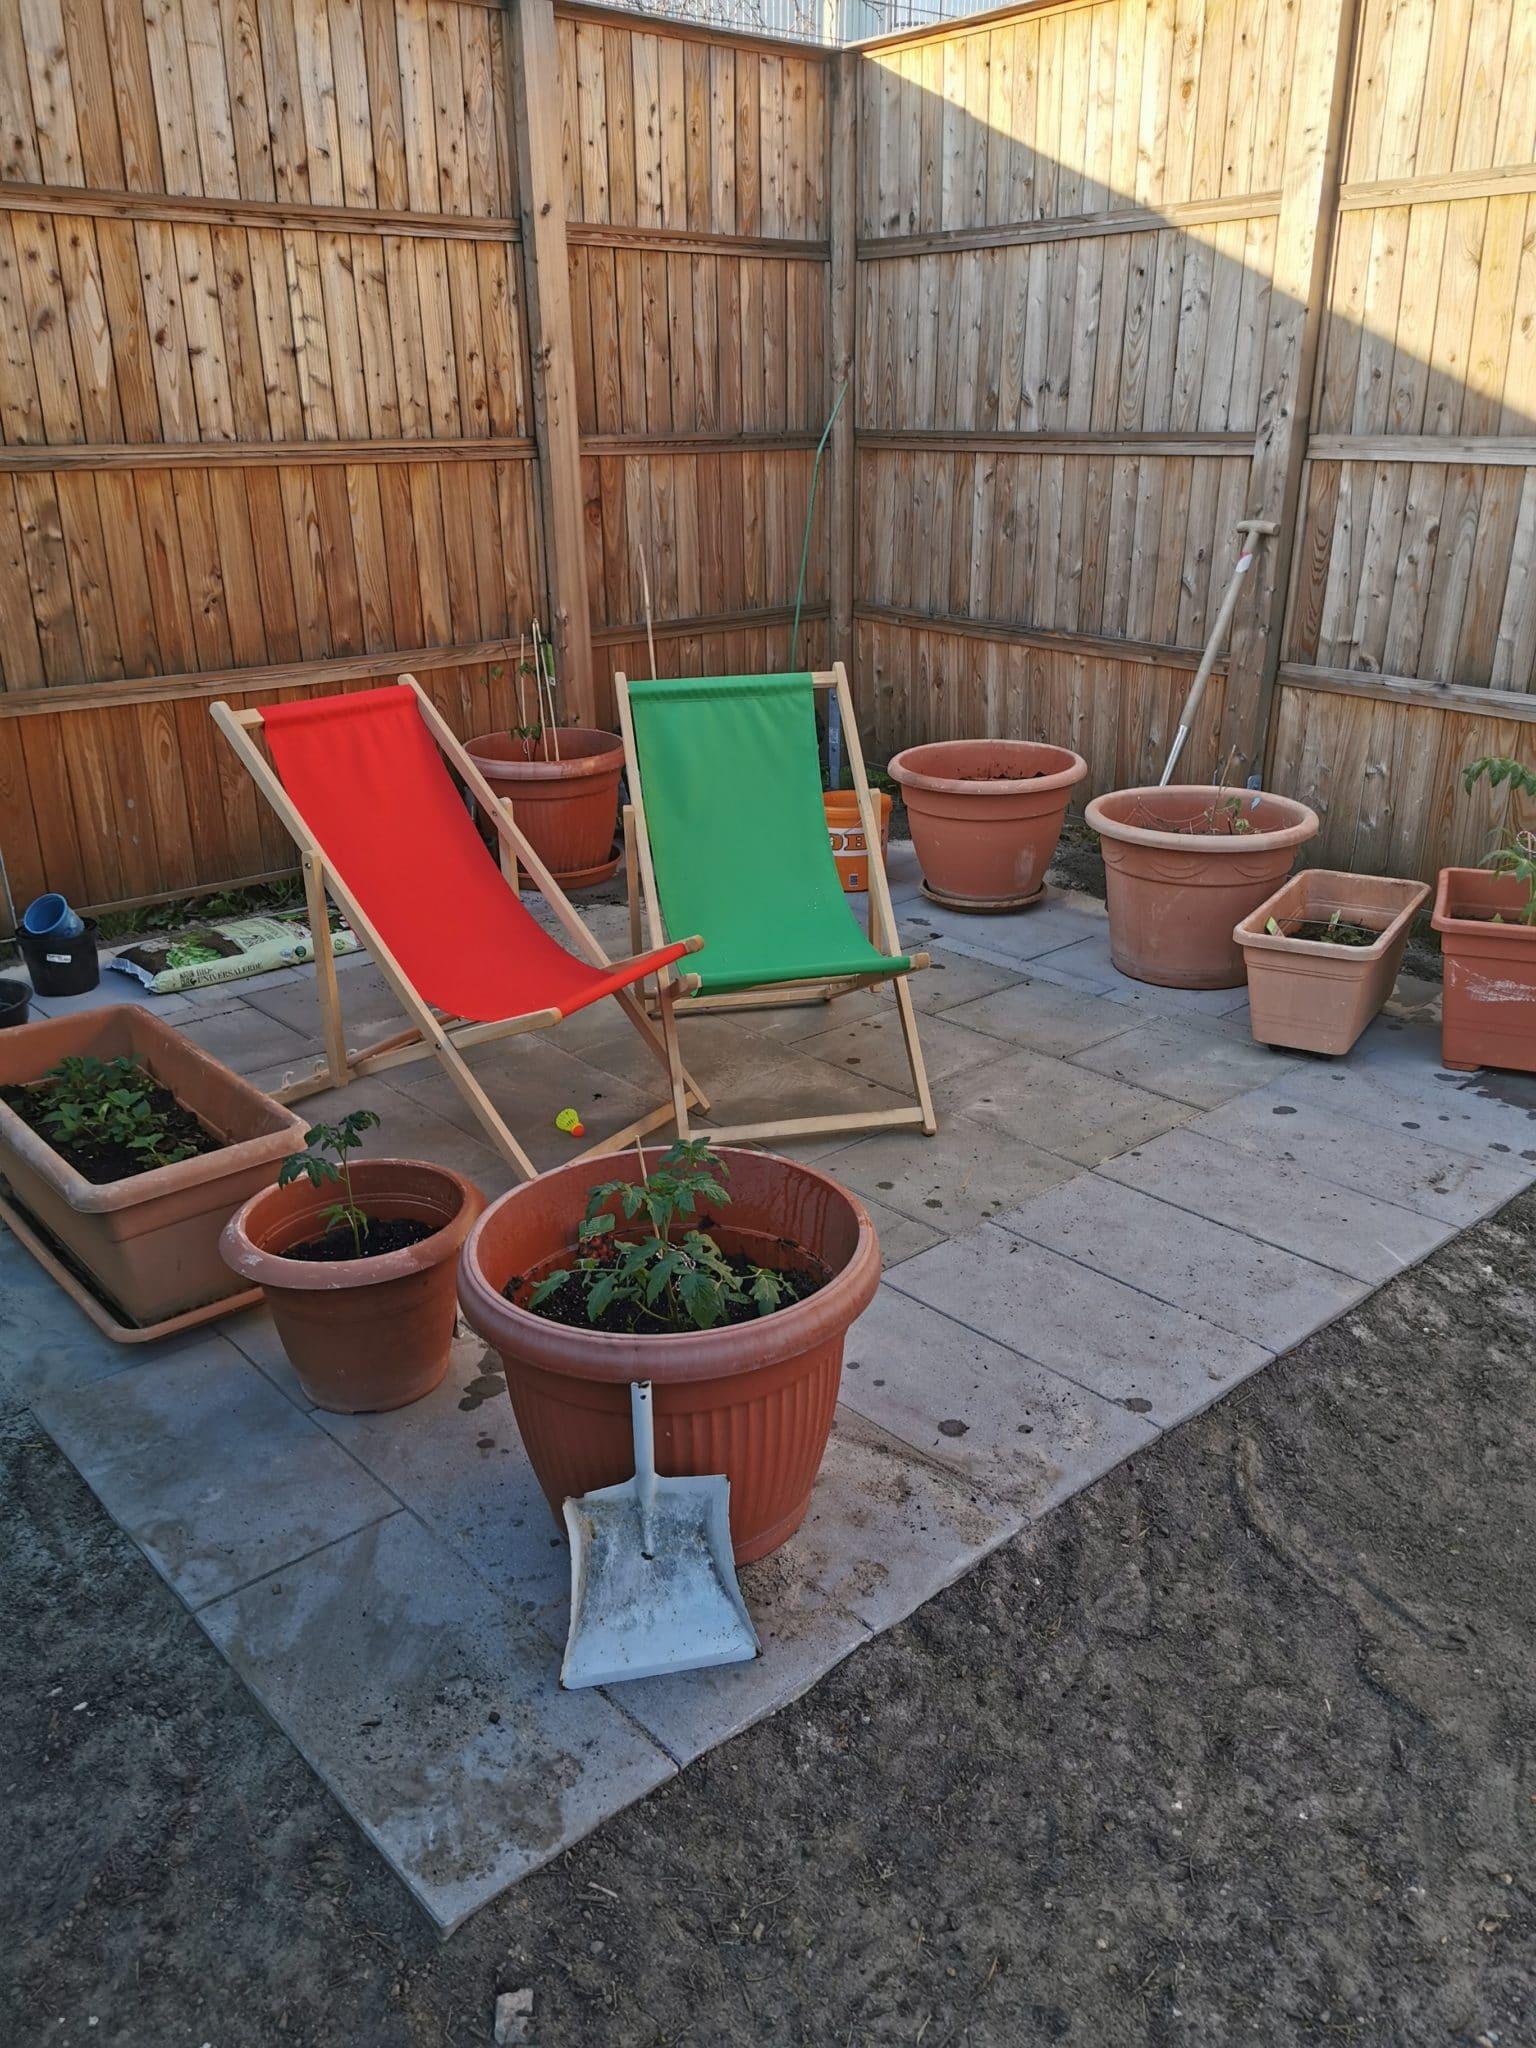 https://editionf.com/coronaeltern-heulend-auf-dem-kuechenboden/